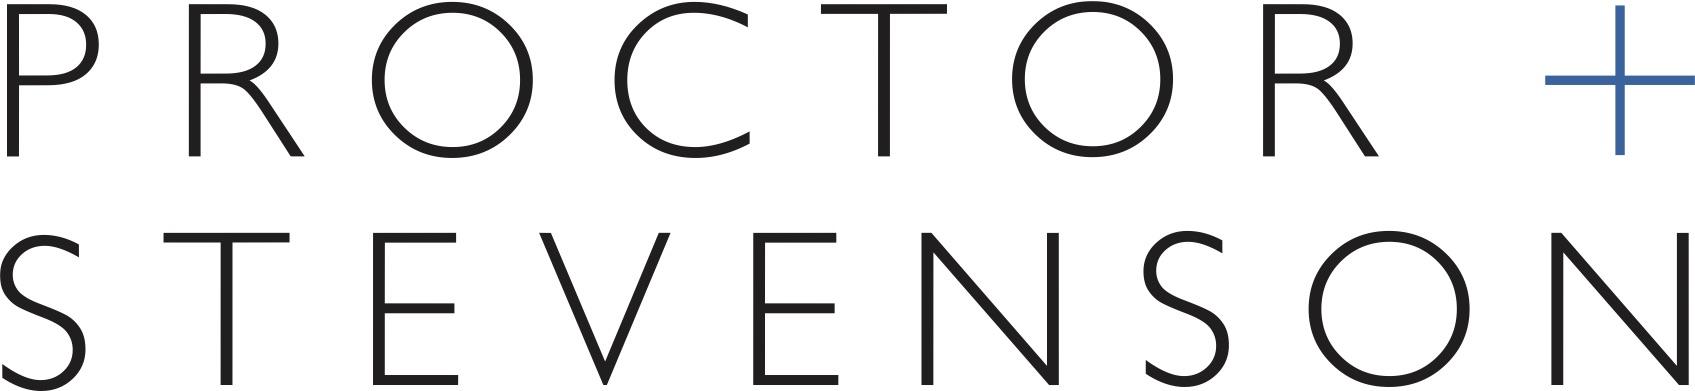 Proctor + Stevenson